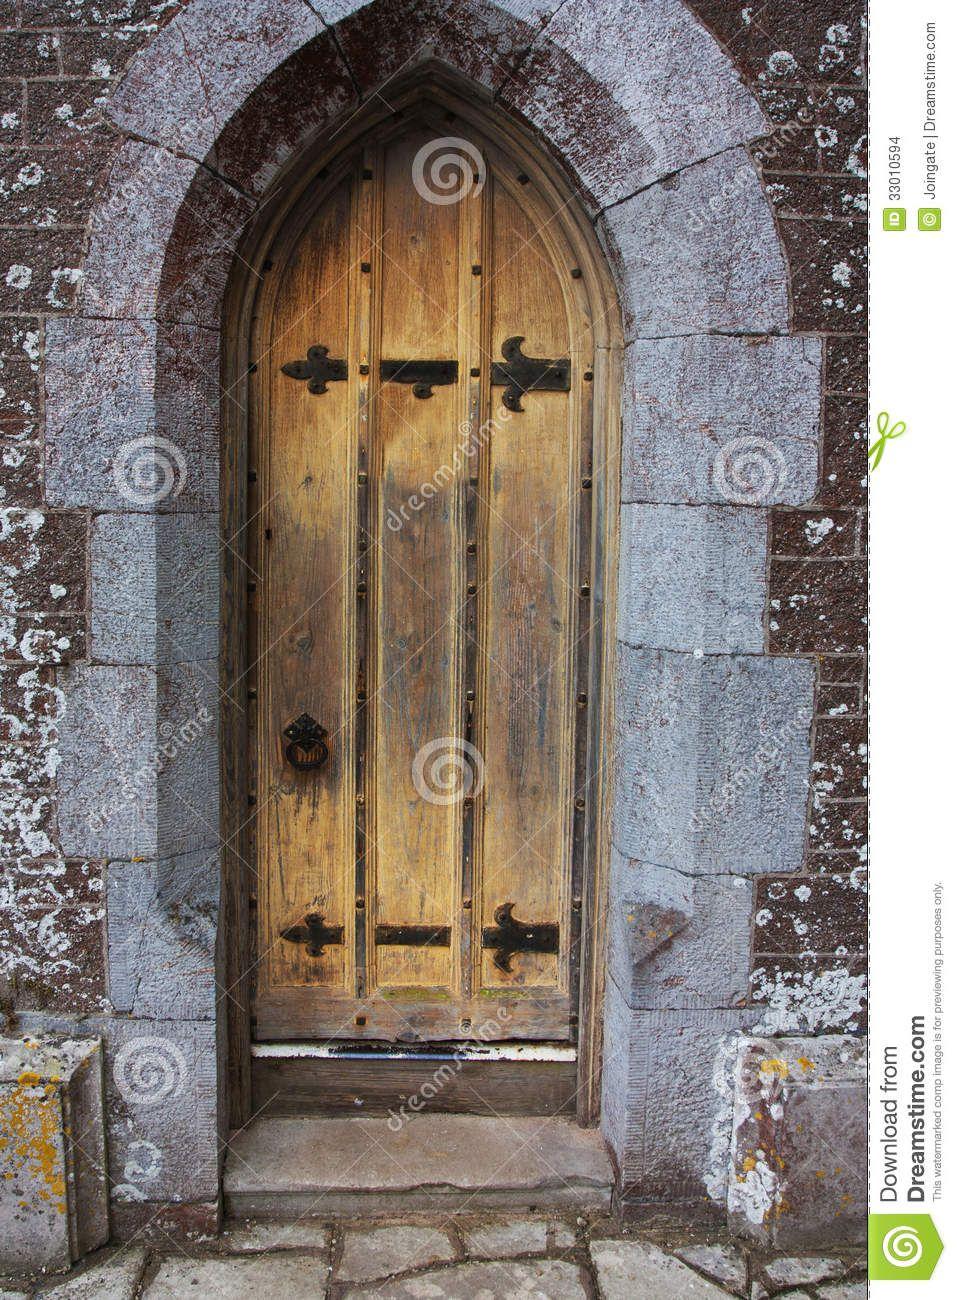 Old Tudor Wooden Oak Door Wih Latches And Locks Oak Doors Castle Doors Old Antiques